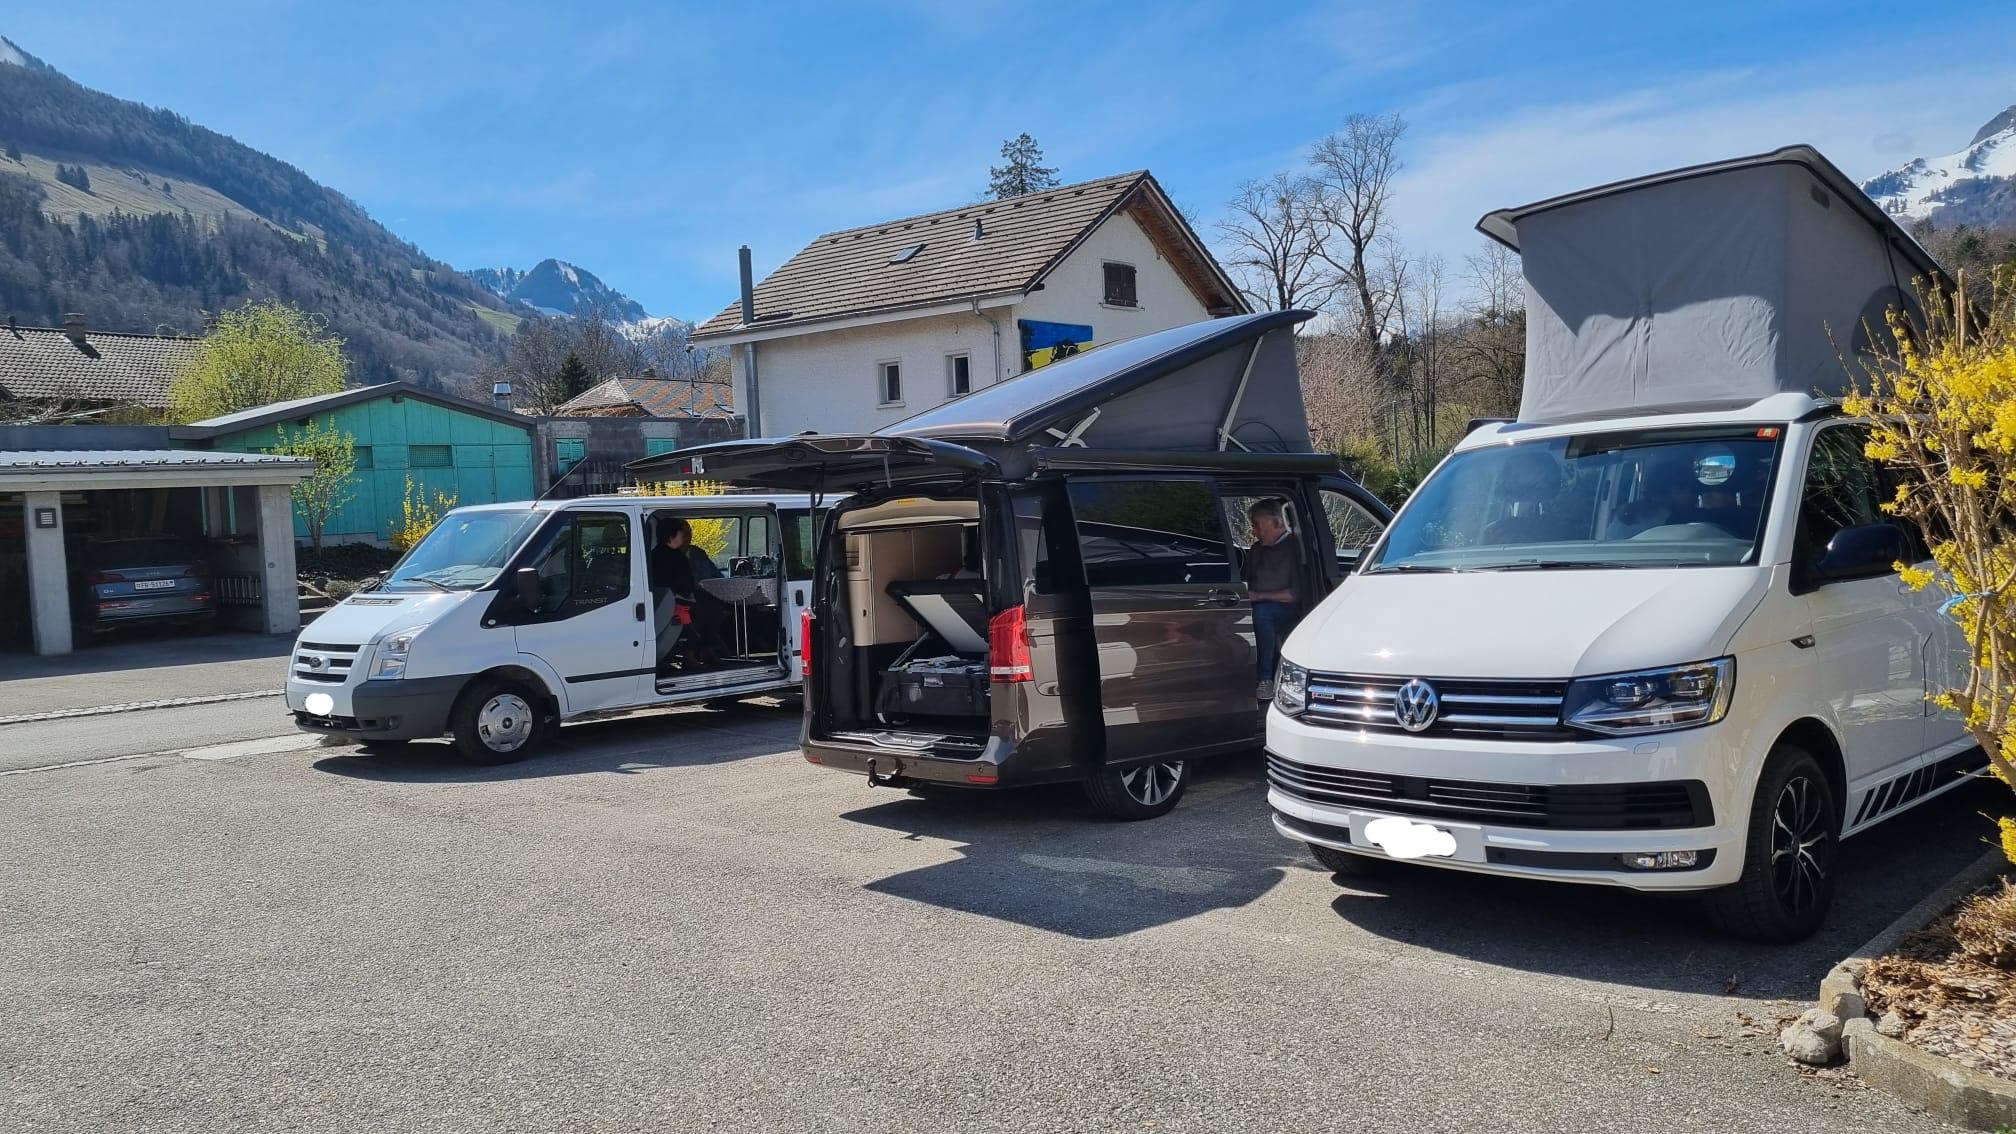 Dîner en bus/camping-car